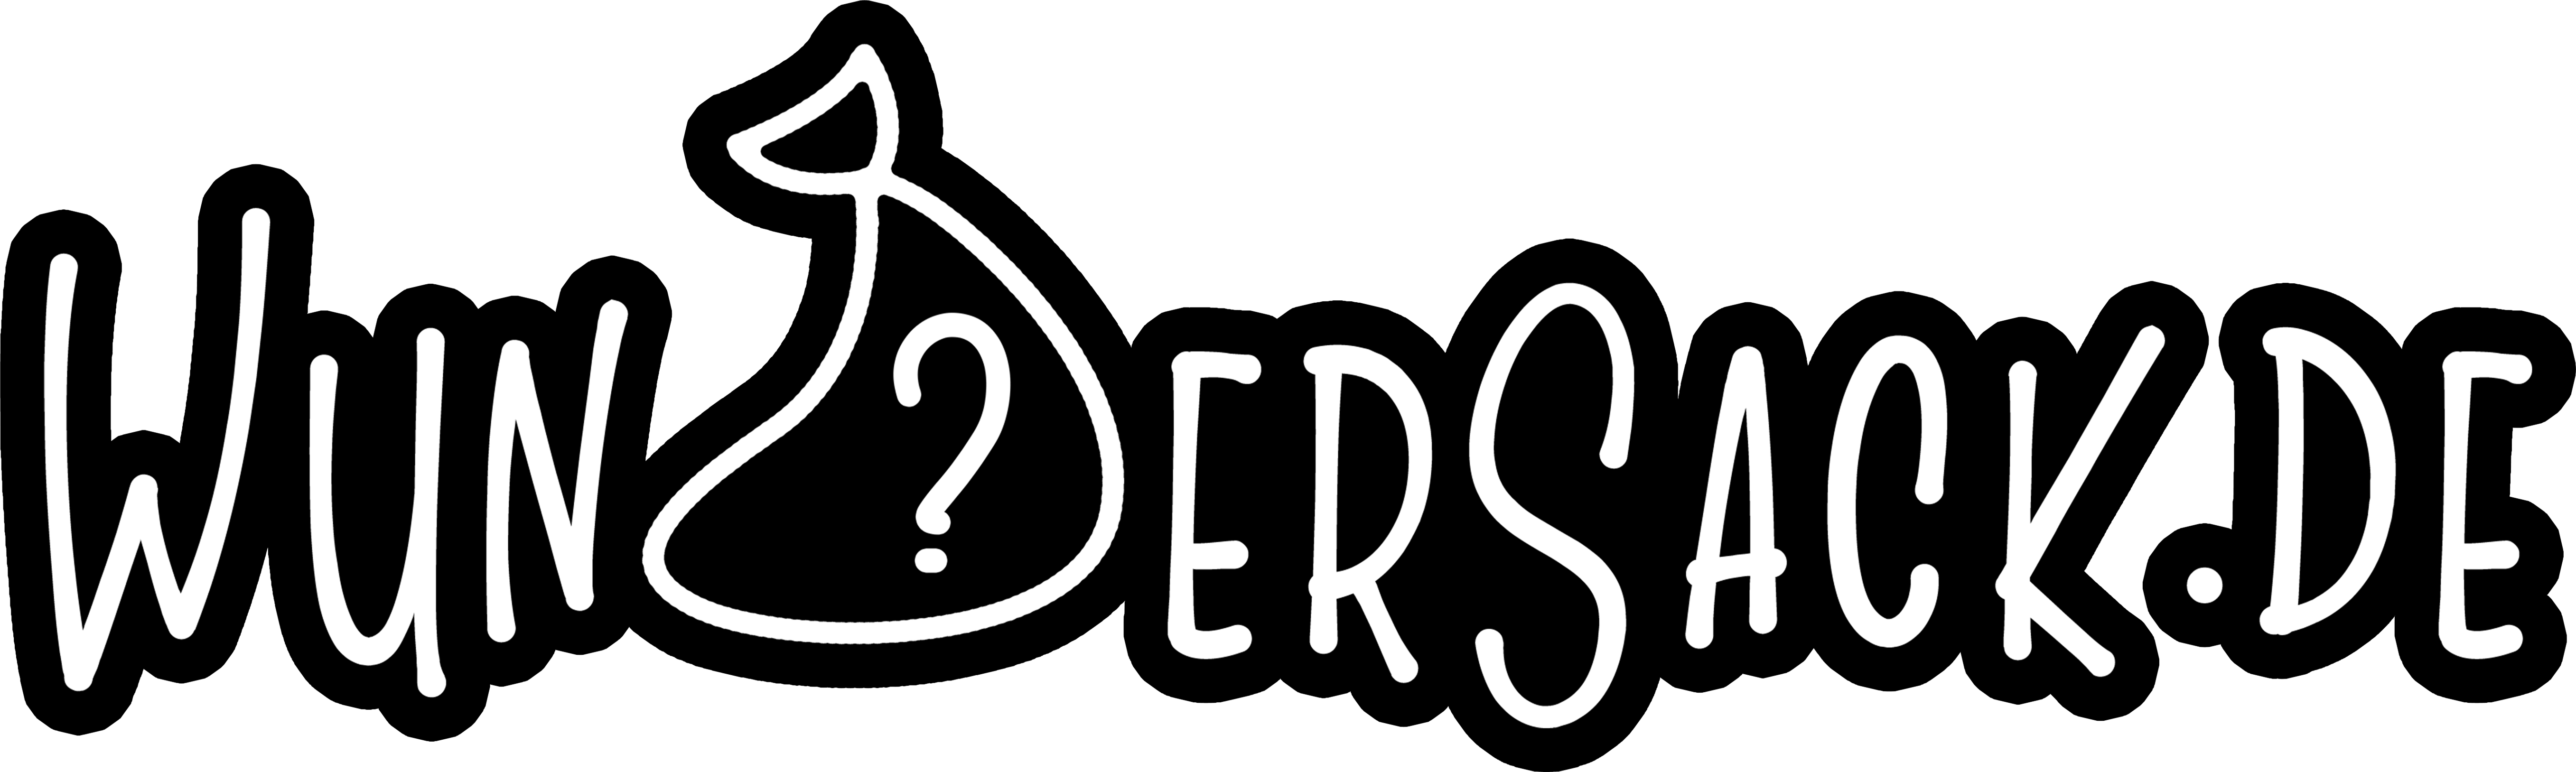 Wundersack